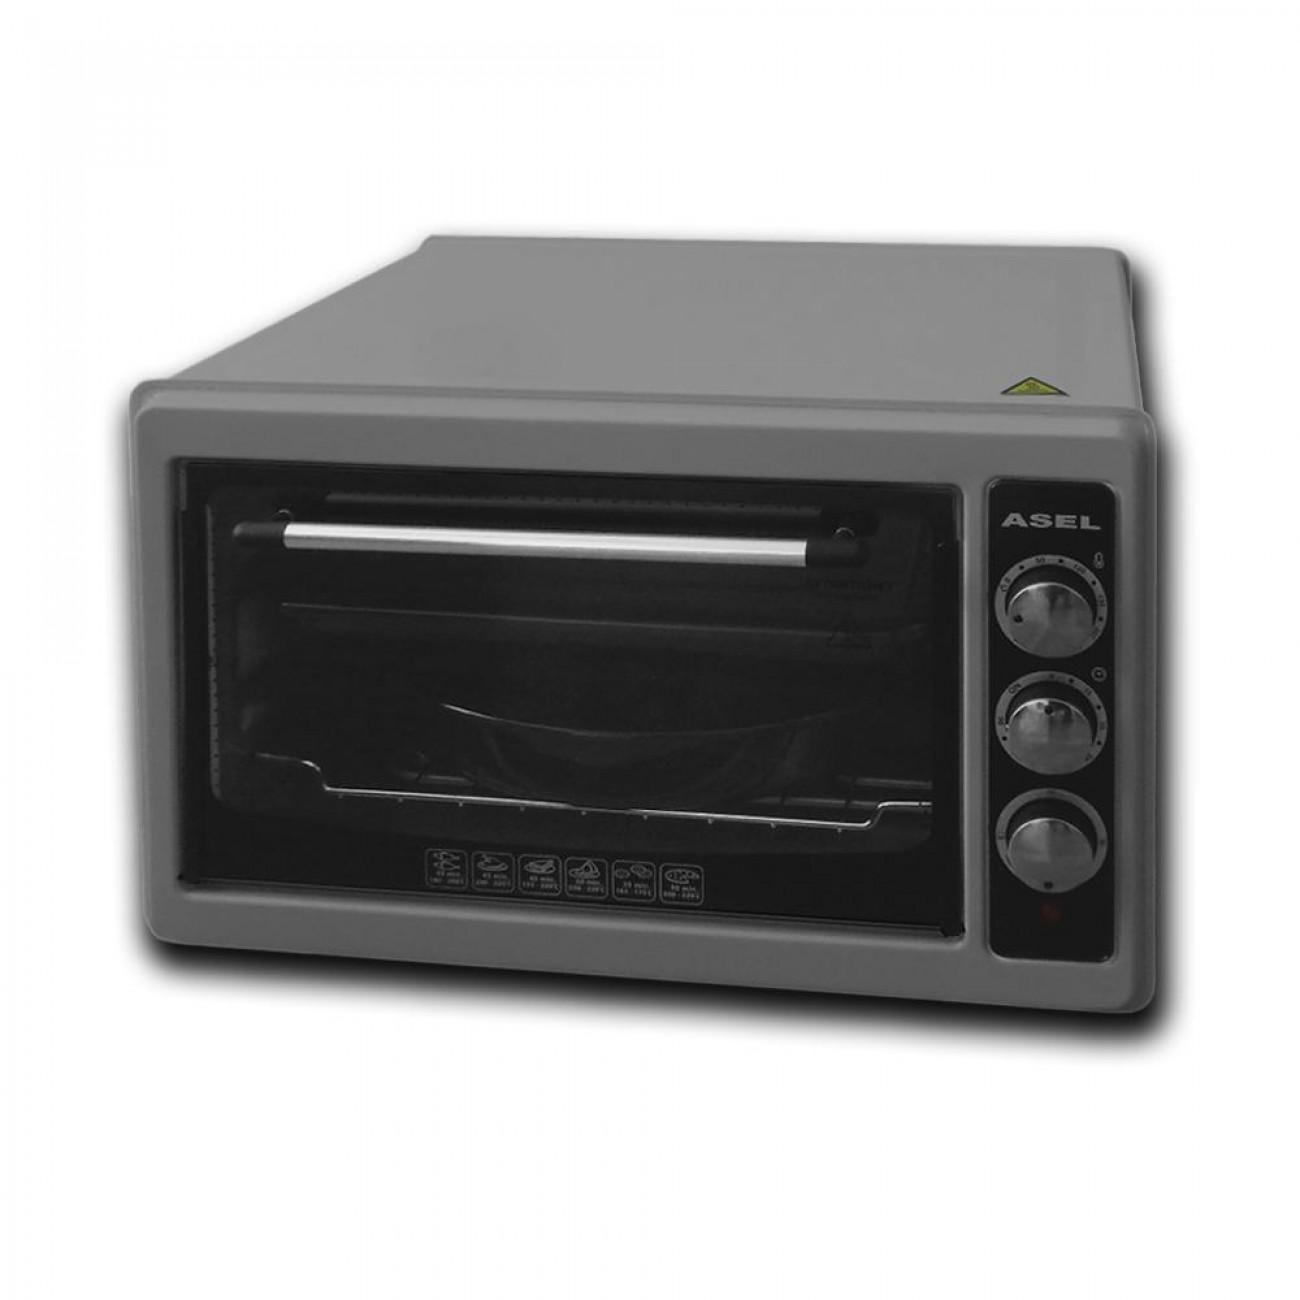 Готварска печка - фурна ASEL AL AF 0023, 1100W, 33 литра, Сив в Готварски печки - ASEL | Alleop